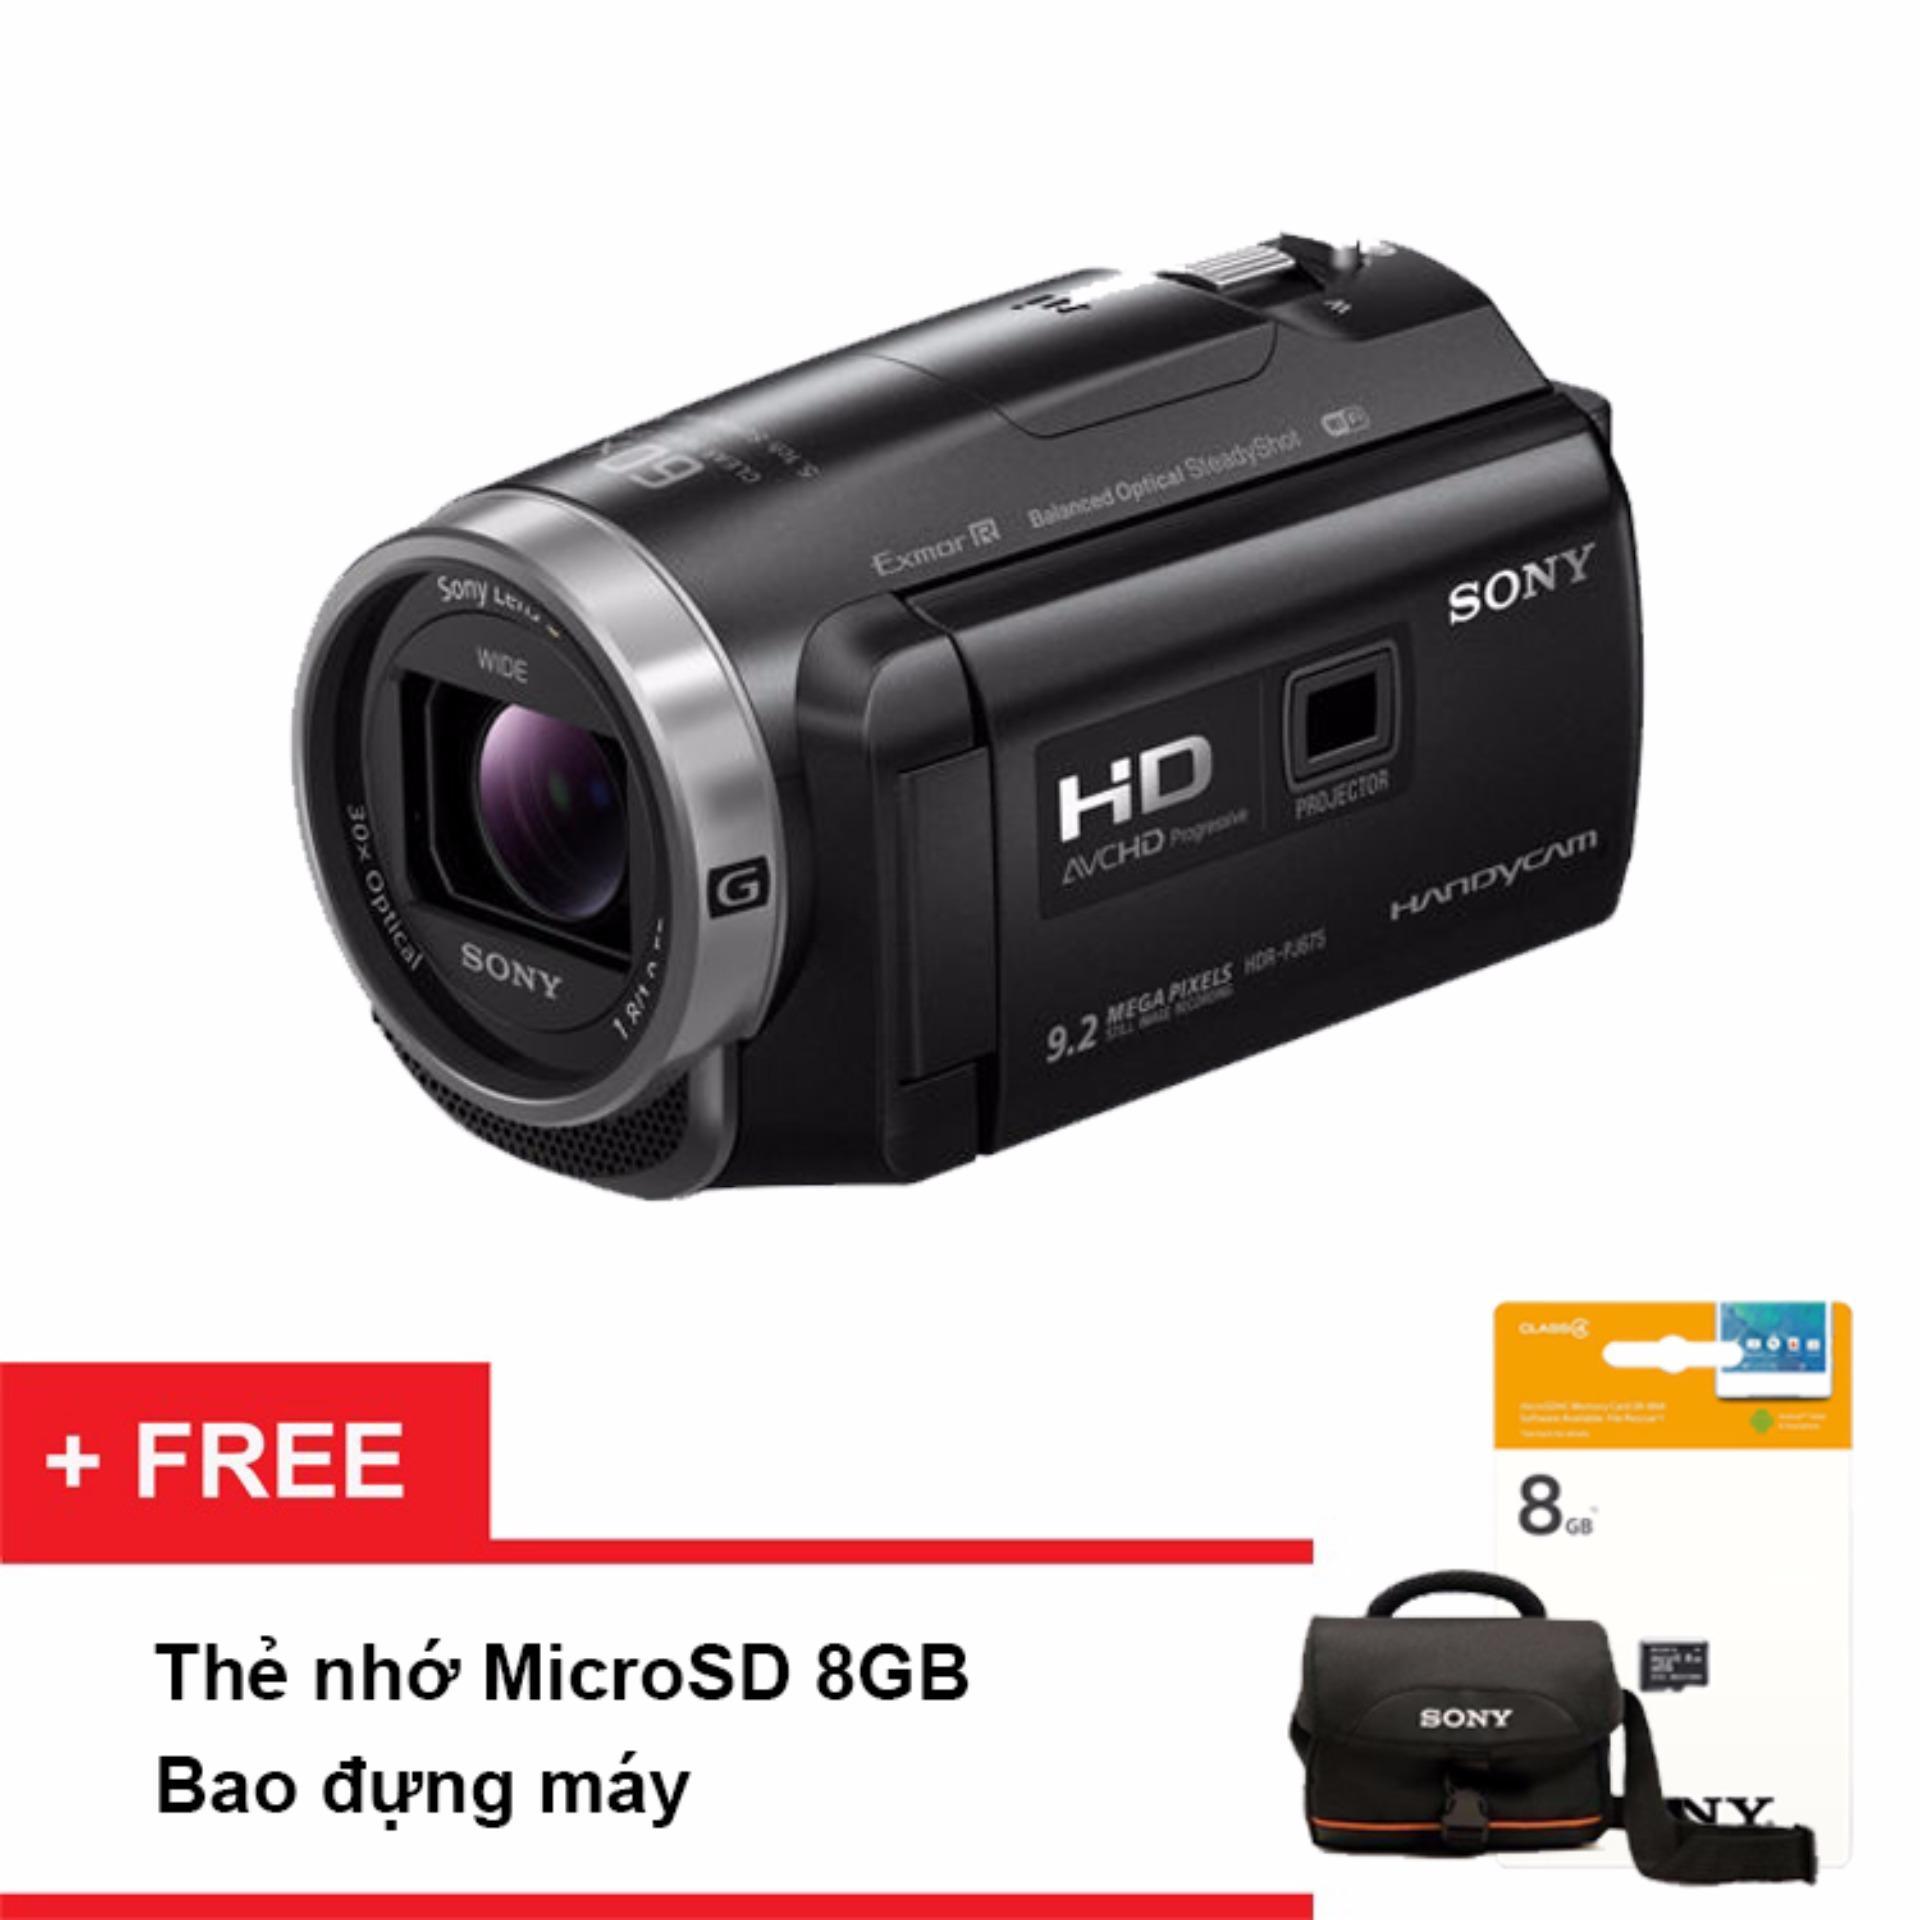 Nơi nào bán Máy quay phim Sony PJ675 (Đen) -Tặng thẻ nhớ microSD 8GB + túi đựng máy